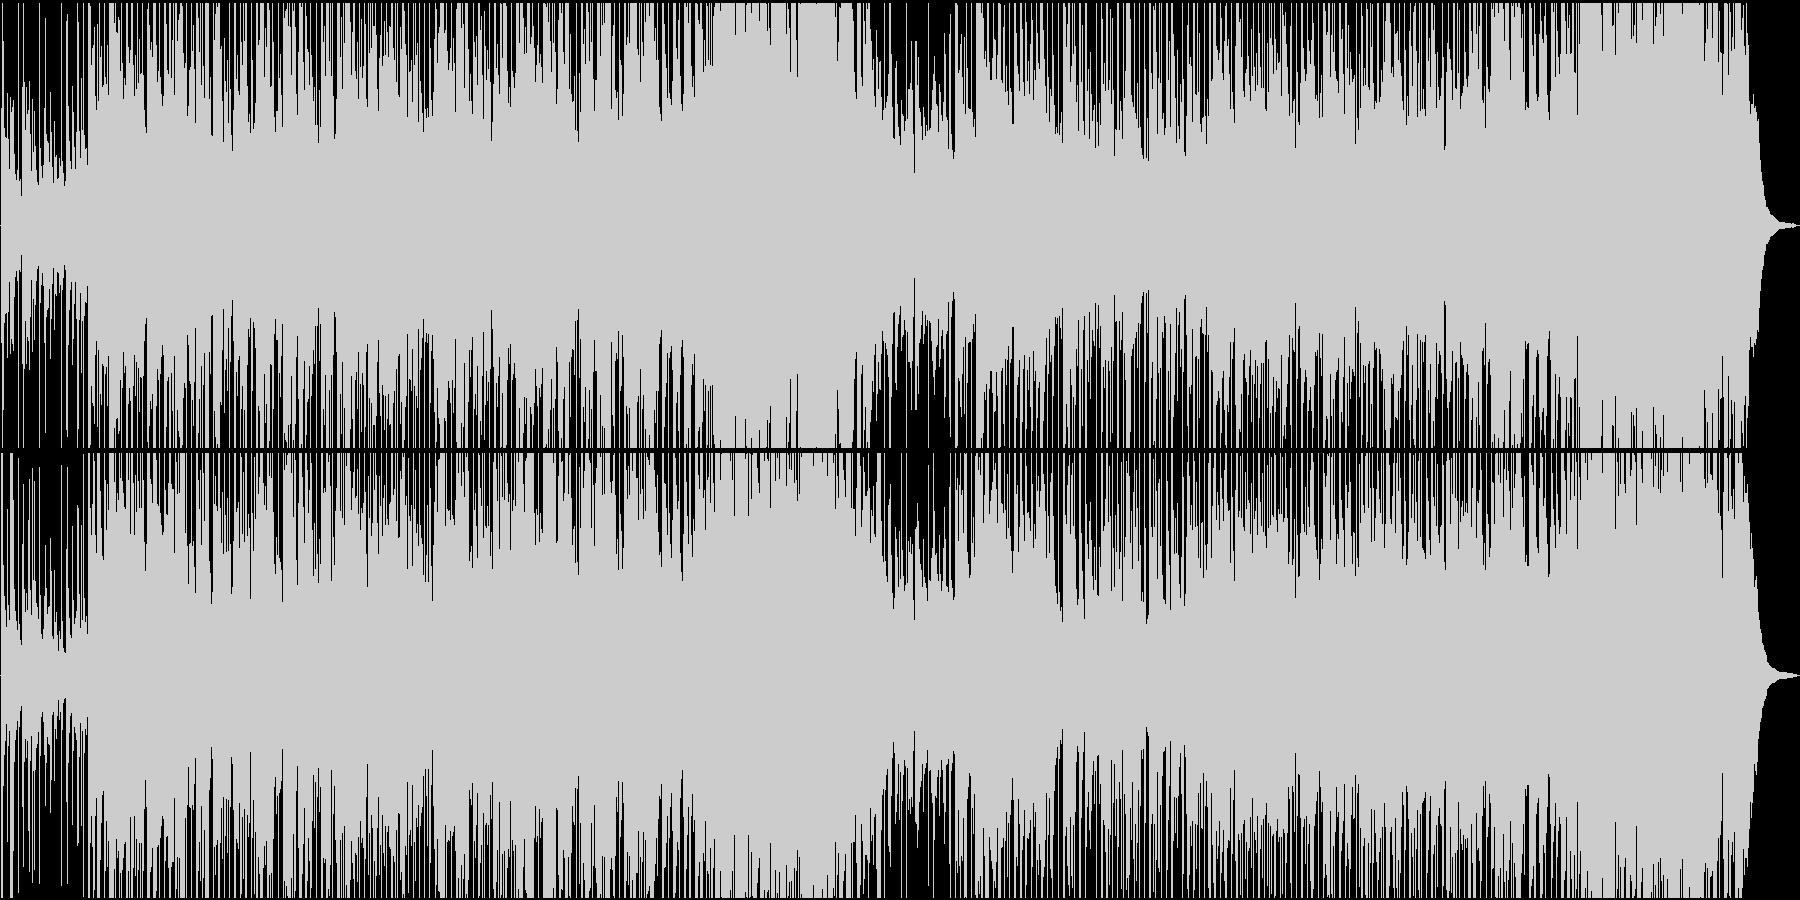 マンドリンのメロディが心地よいカントリーの未再生の波形